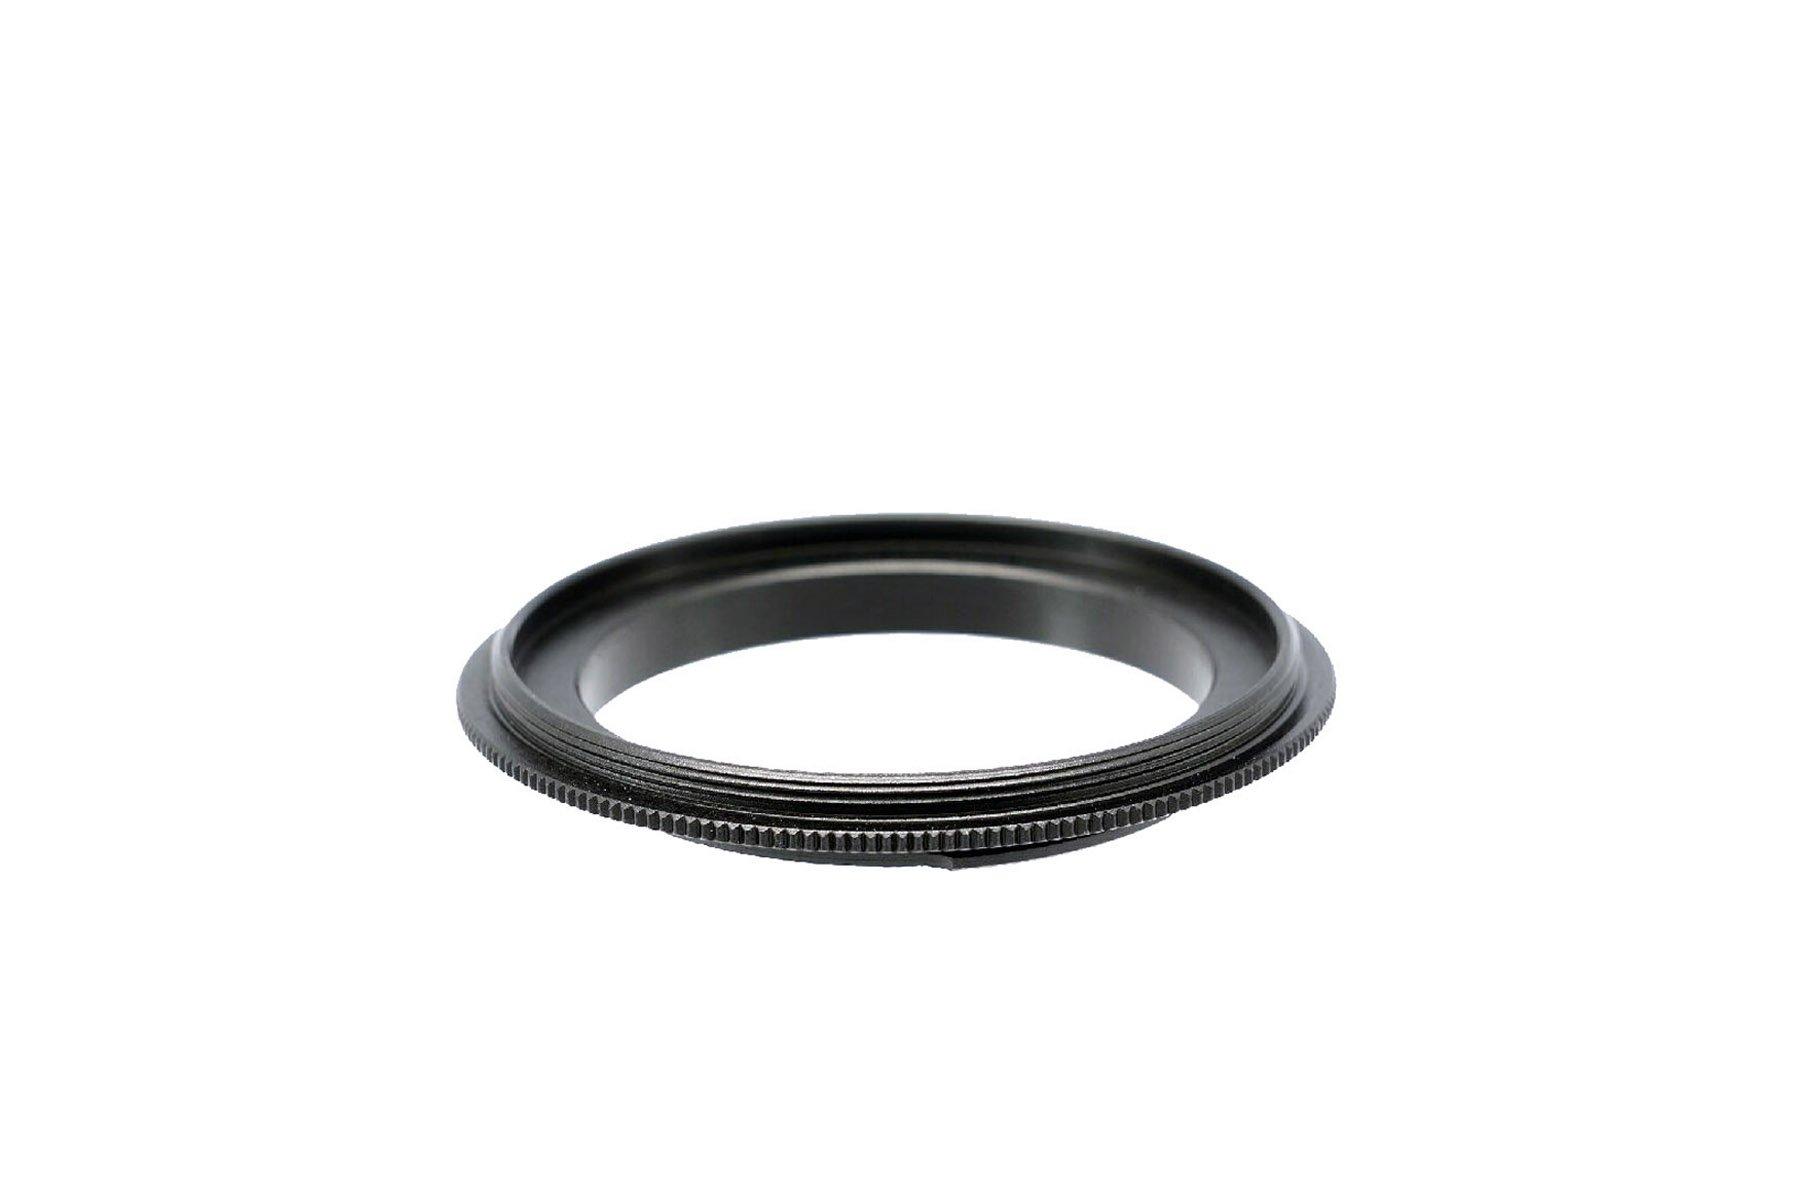 Photo Plus Sony Alpha A99 A77 A65 A58 A57 A55 A37 A35 A33 A900 A850 A580 A560 A550 A500 A450 A390 A380 A350 A330 A290 A230 to 58mm Reverse Mount Adapter by Photo Plus